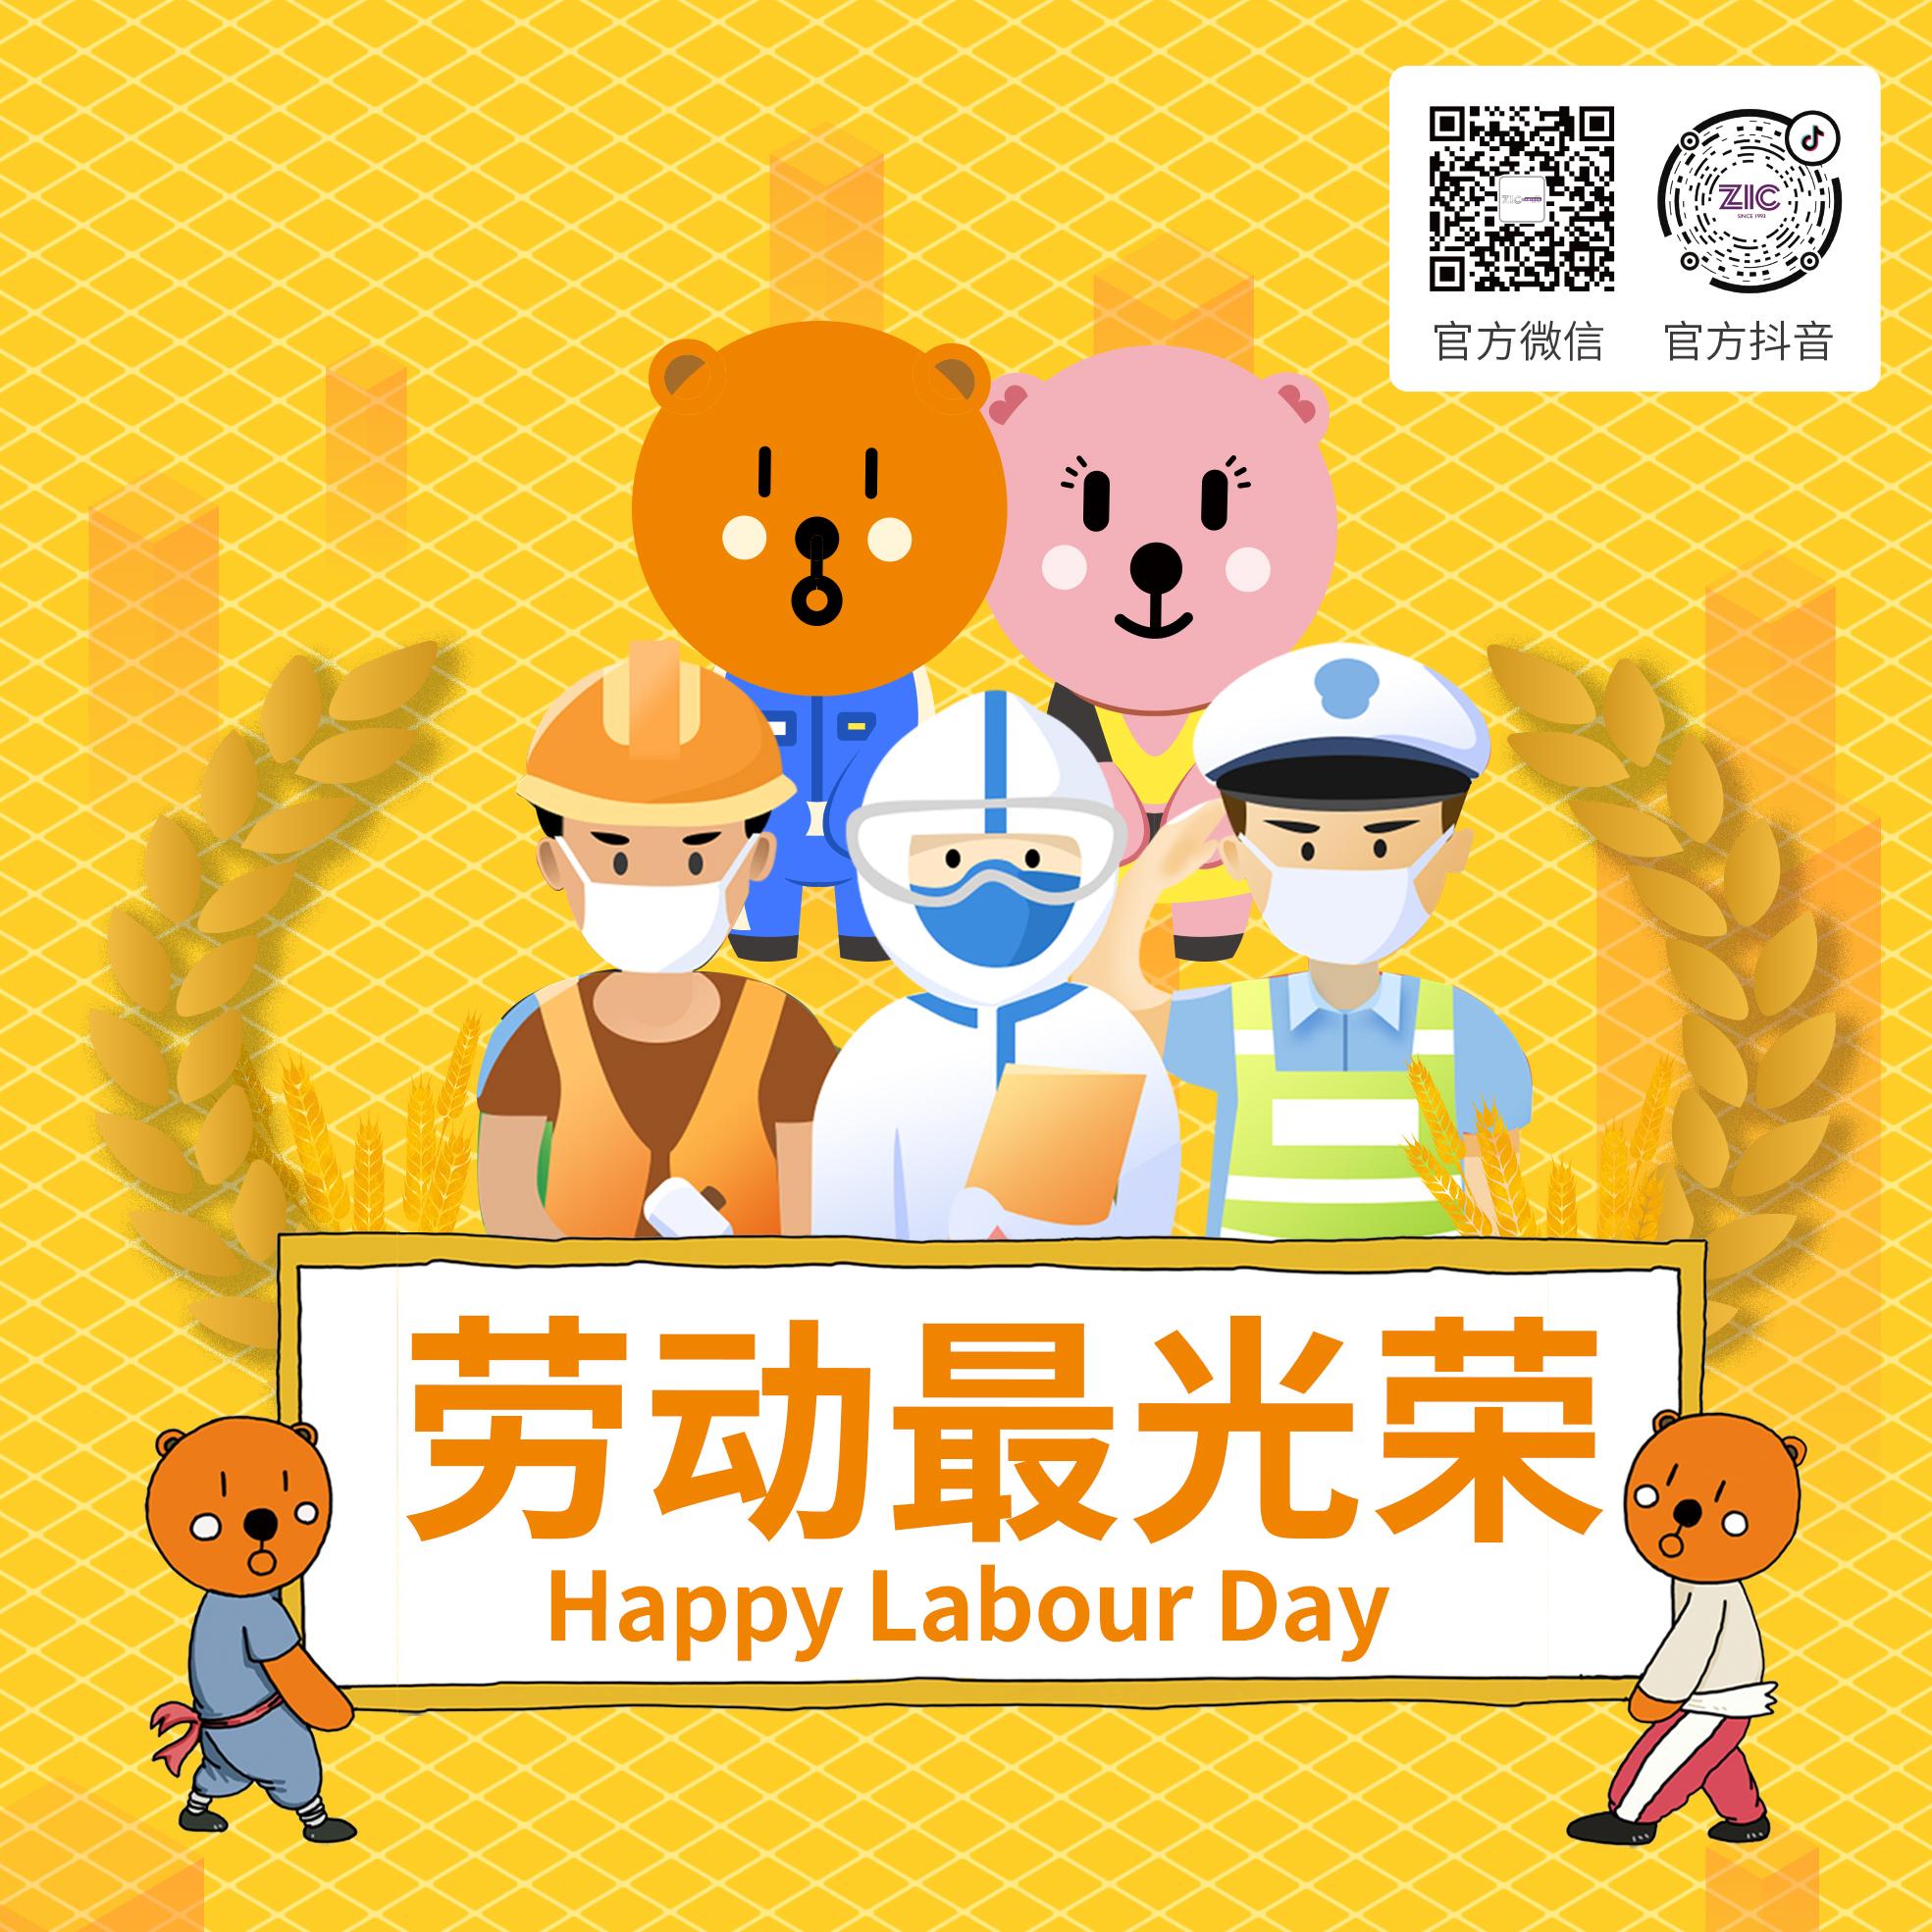 劳动最光荣   ZIC祝您节日快乐!